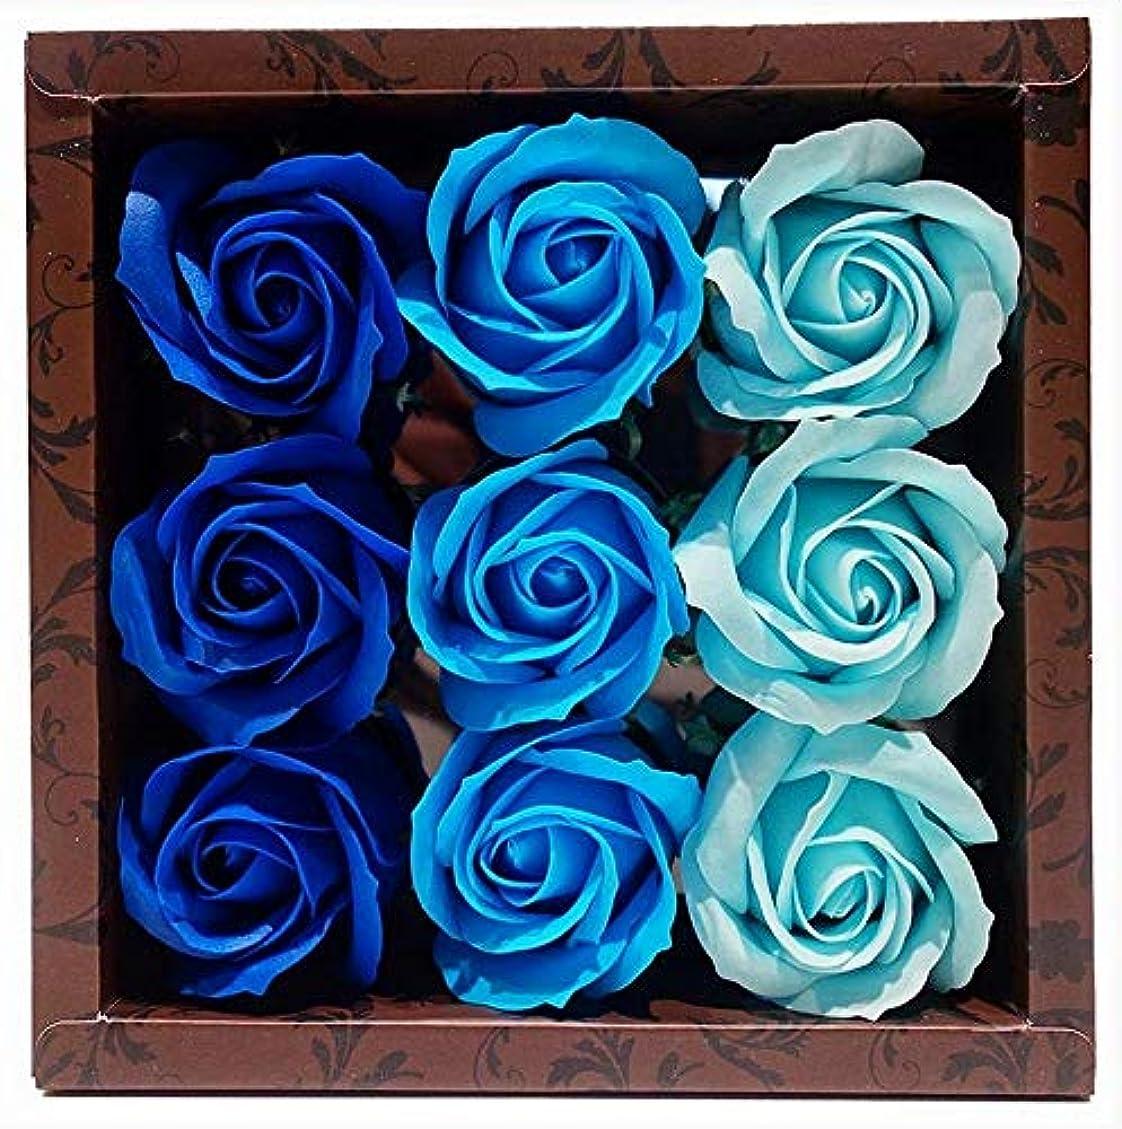 石化する白いあいまいさ花のカタチの入浴料 ローズ バスフレグランス フラワーフレグランス バスフラワー (ブルー)